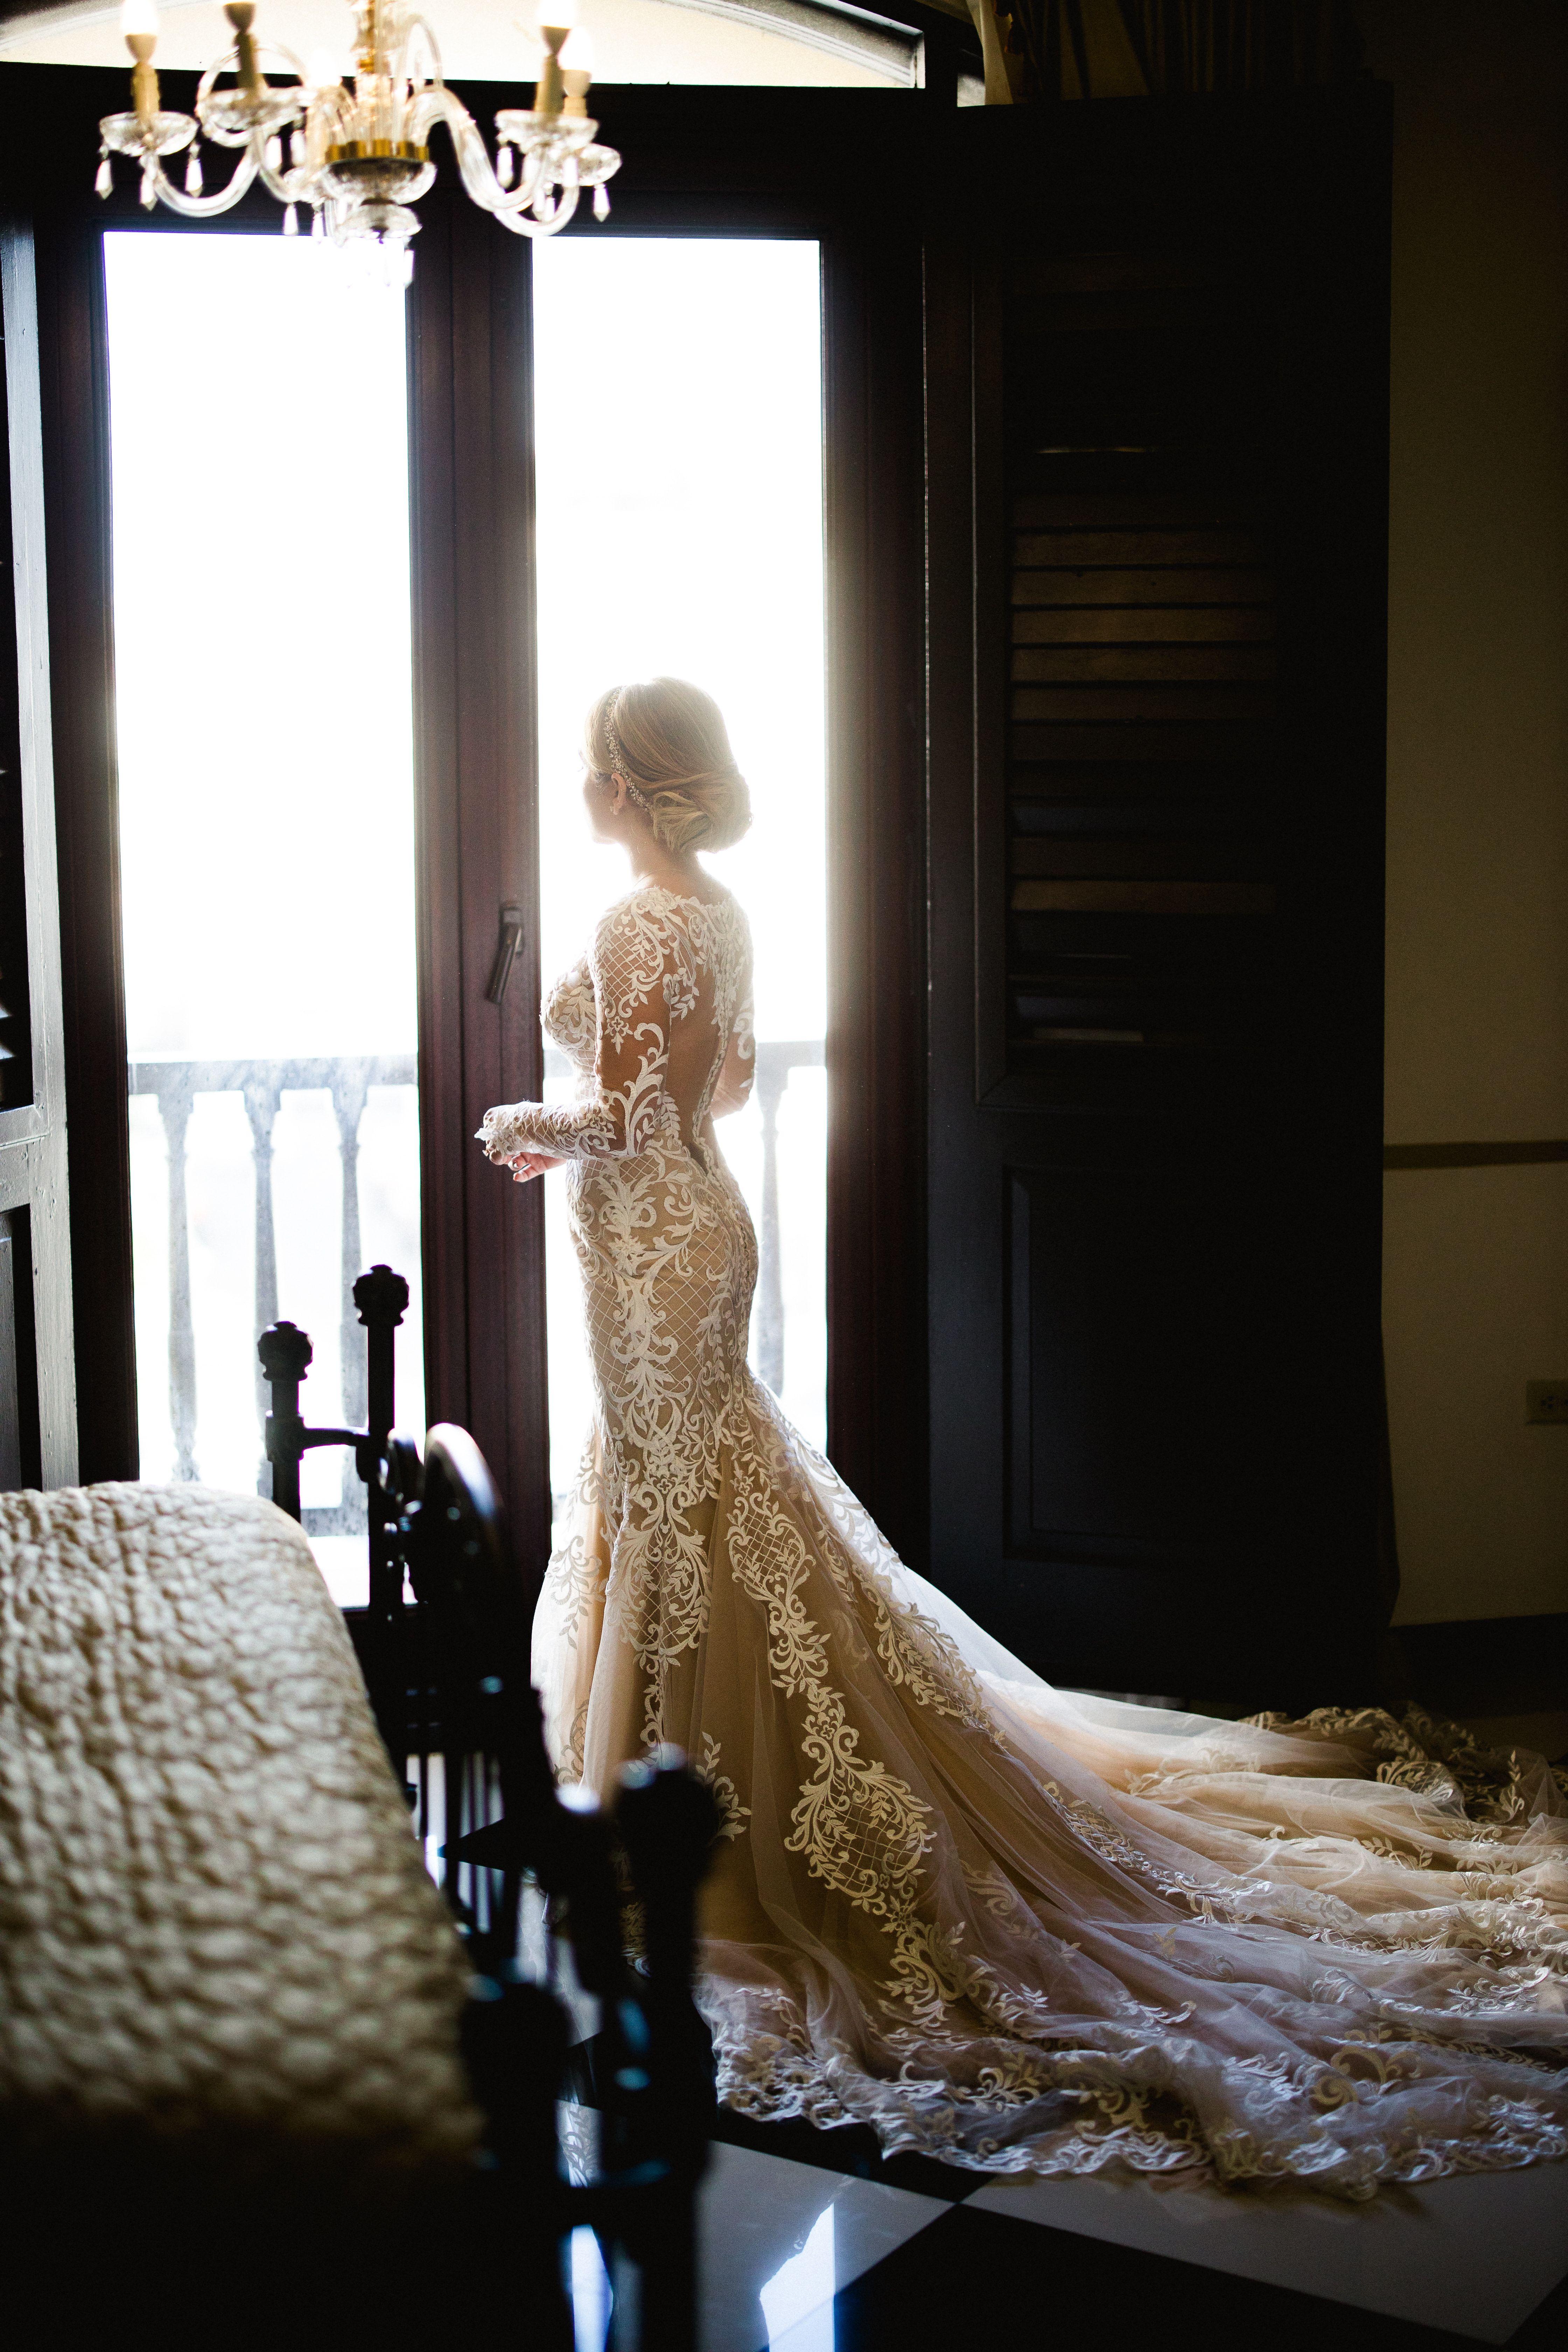 Vestimenta novia: D'Royal Bride. Peinado y maquillaje: Enrique Iglesias (Vanessa Velez)